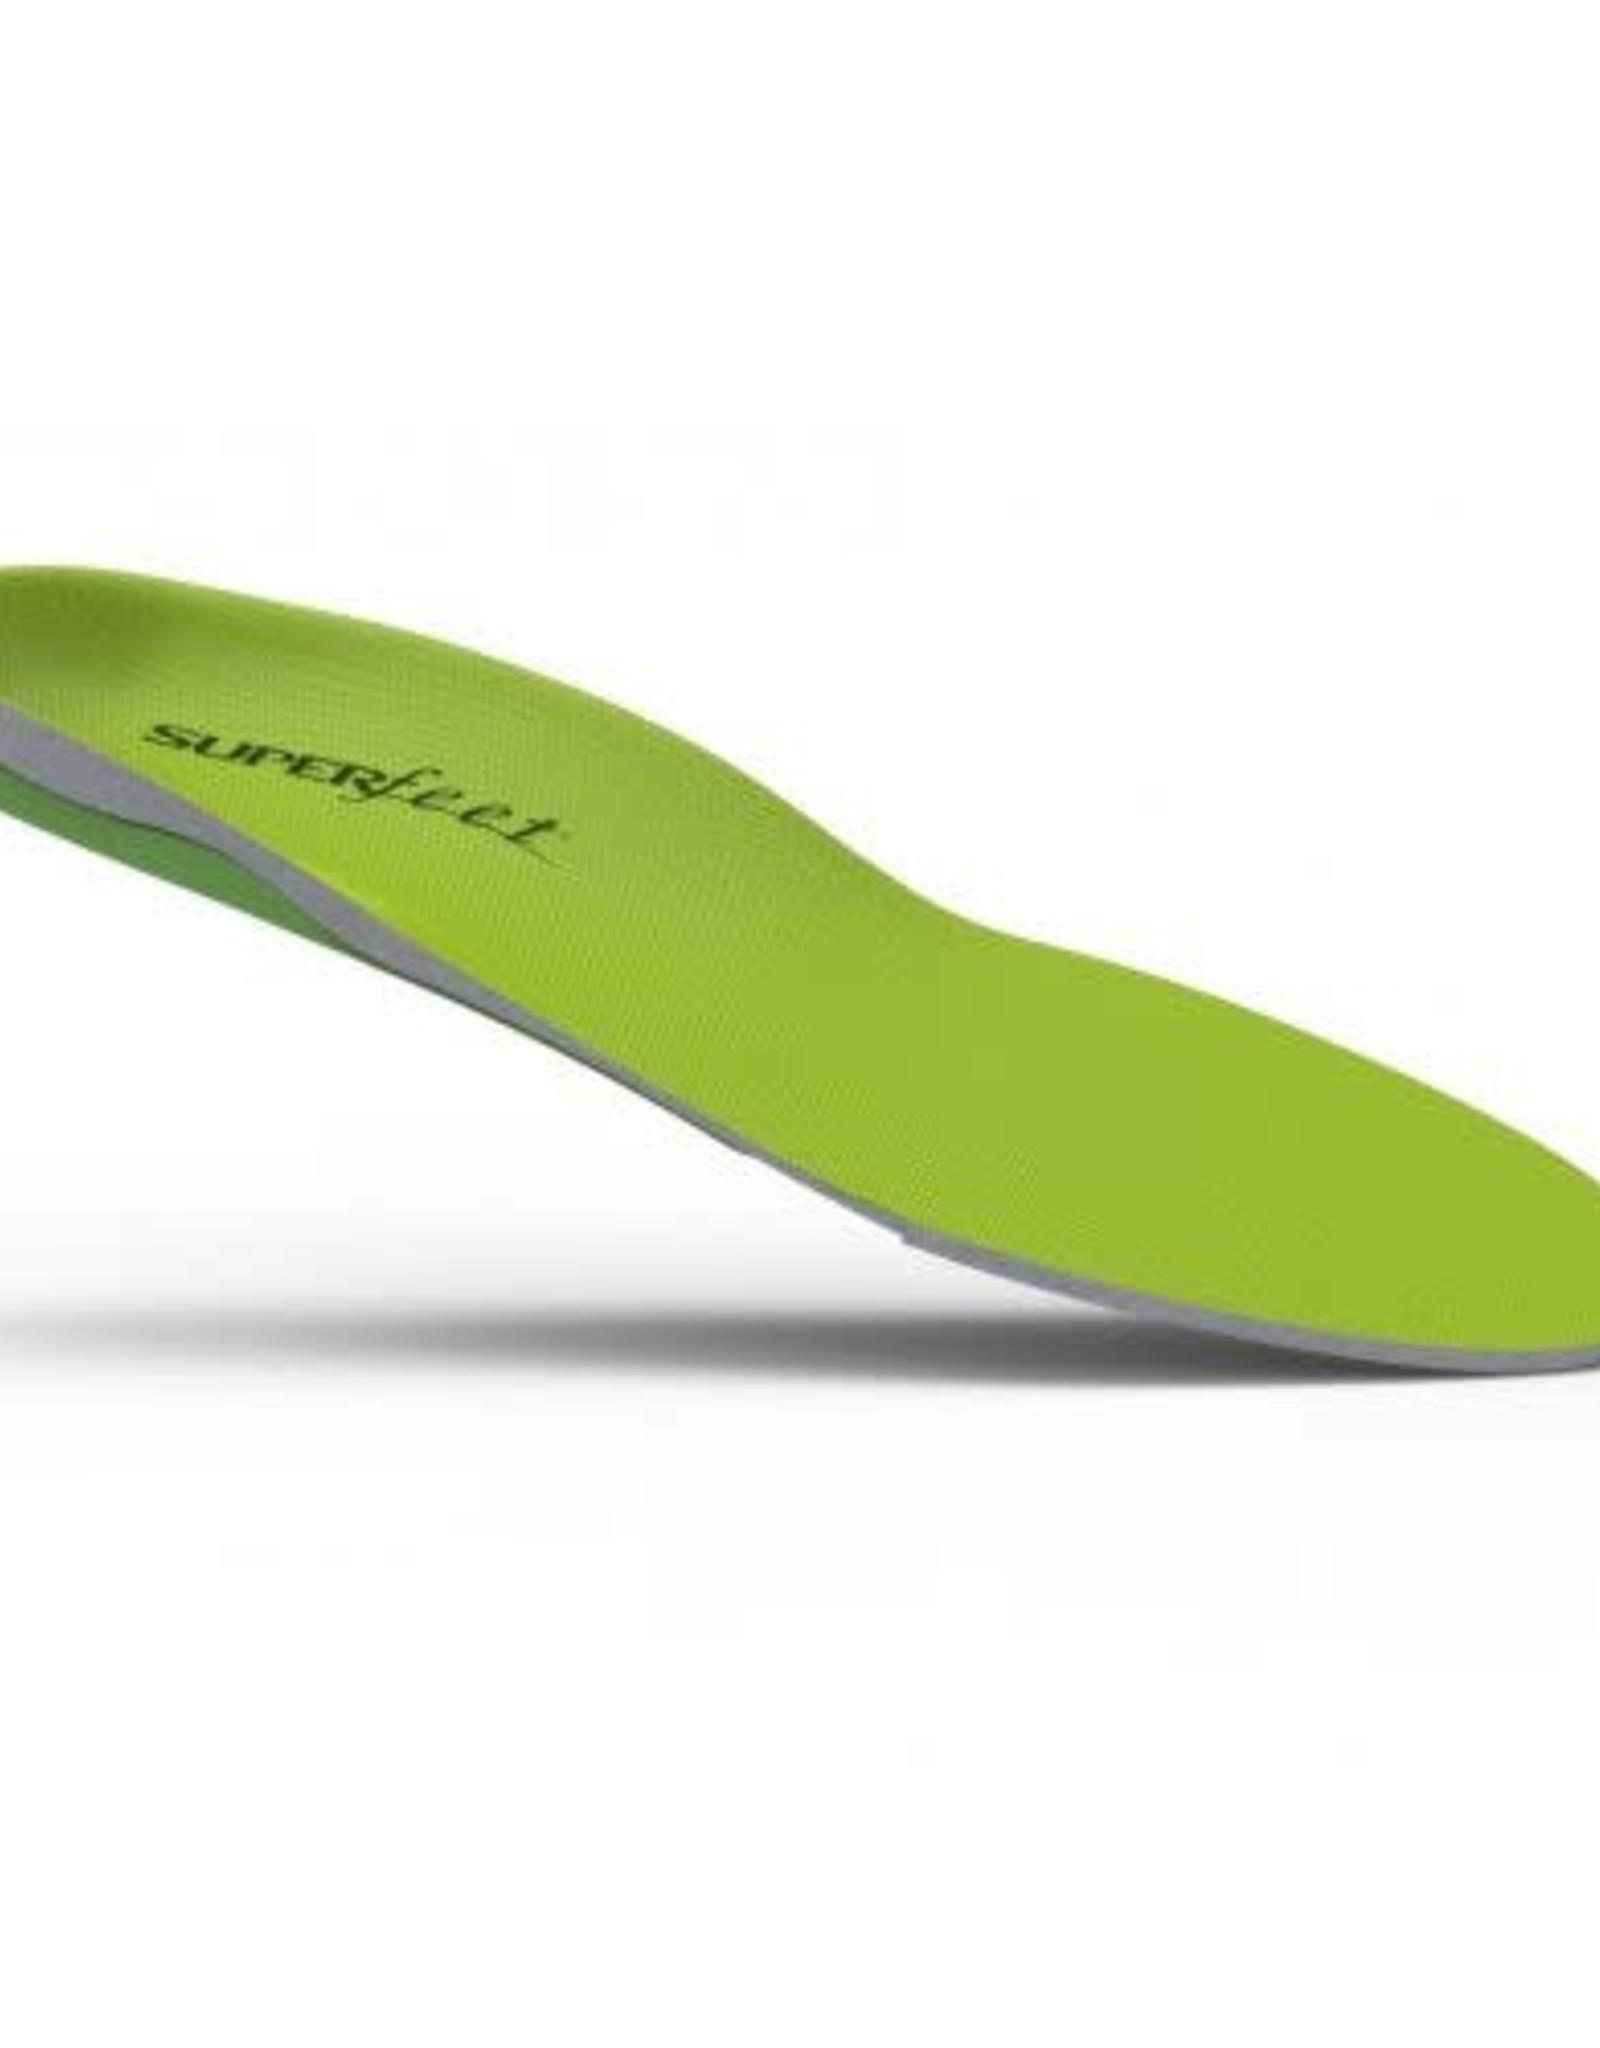 Superfeet SUPERFEET FOOT BED INSOLES GREEN